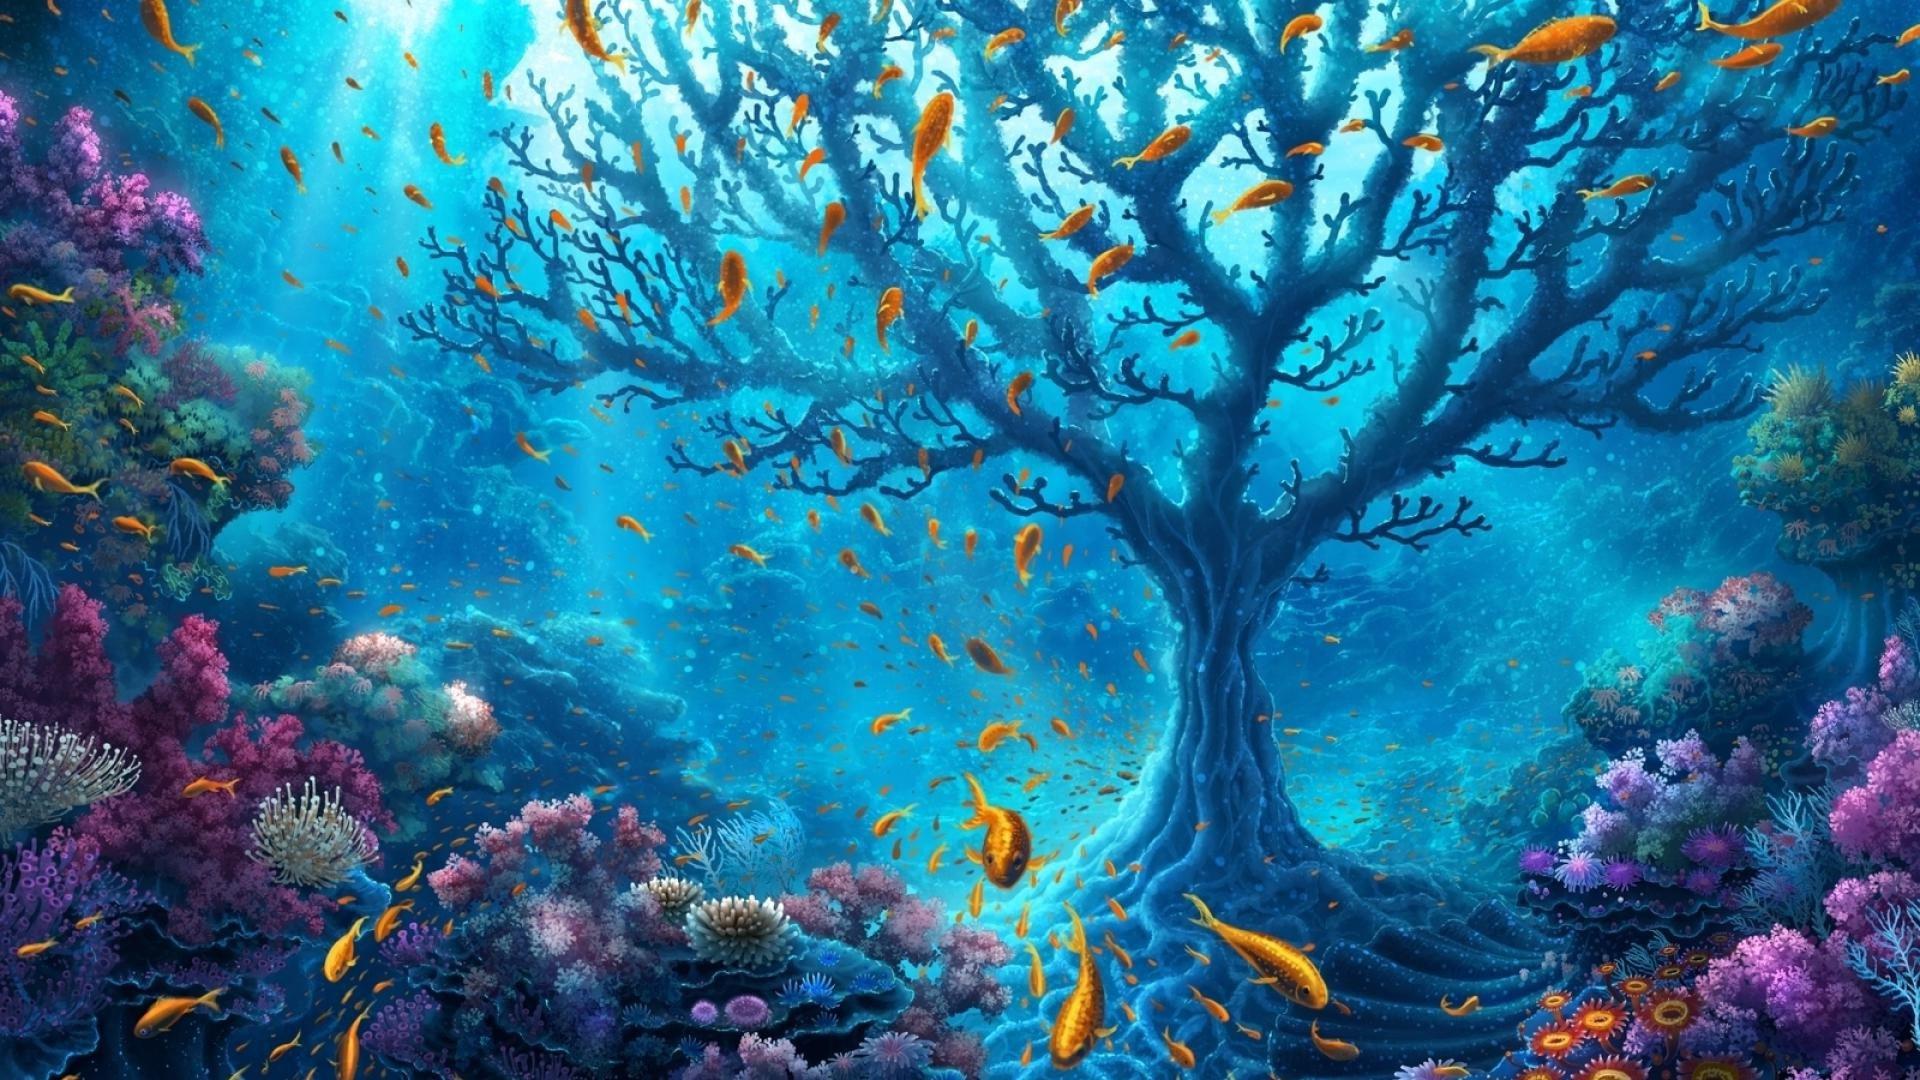 1600x1200 Underwater World 1600x1200 Resolution Hd 4k